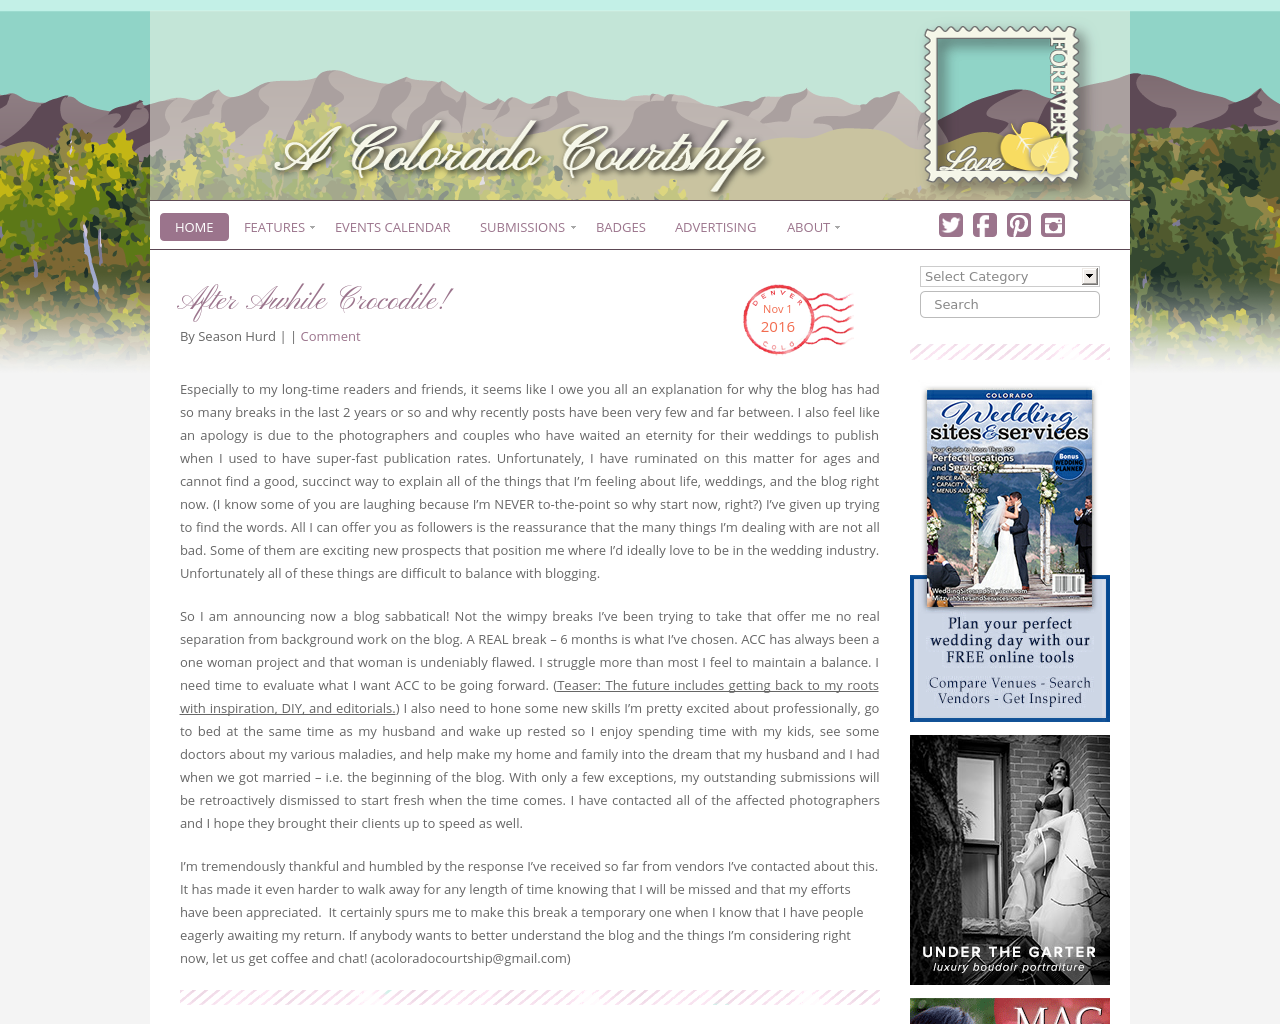 A-Colorado-Courtship-Advertising-Reviews-Pricing